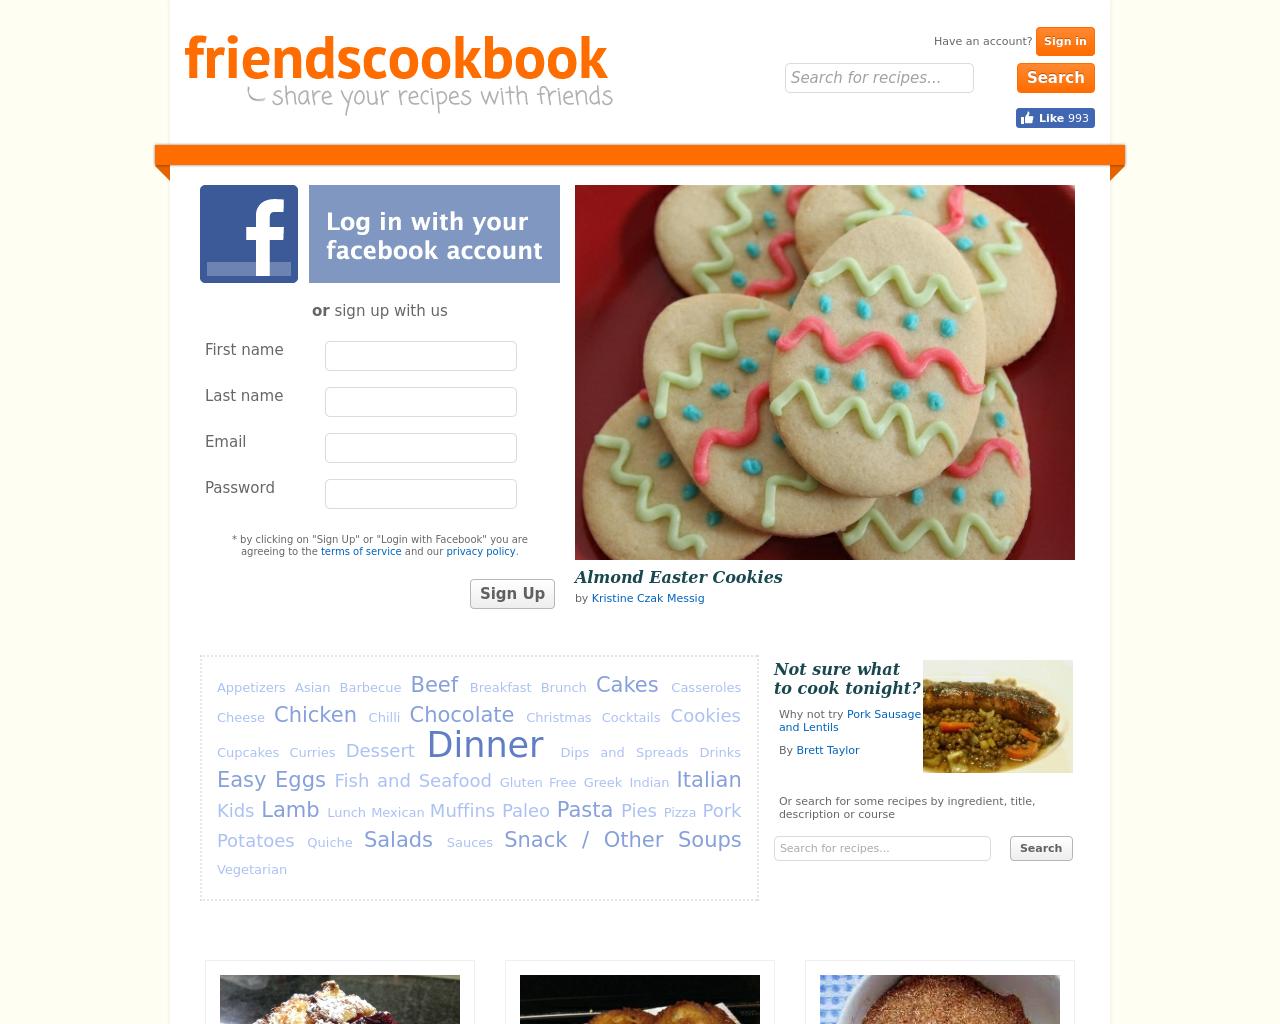 friendscookbook-Advertising-Reviews-Pricing